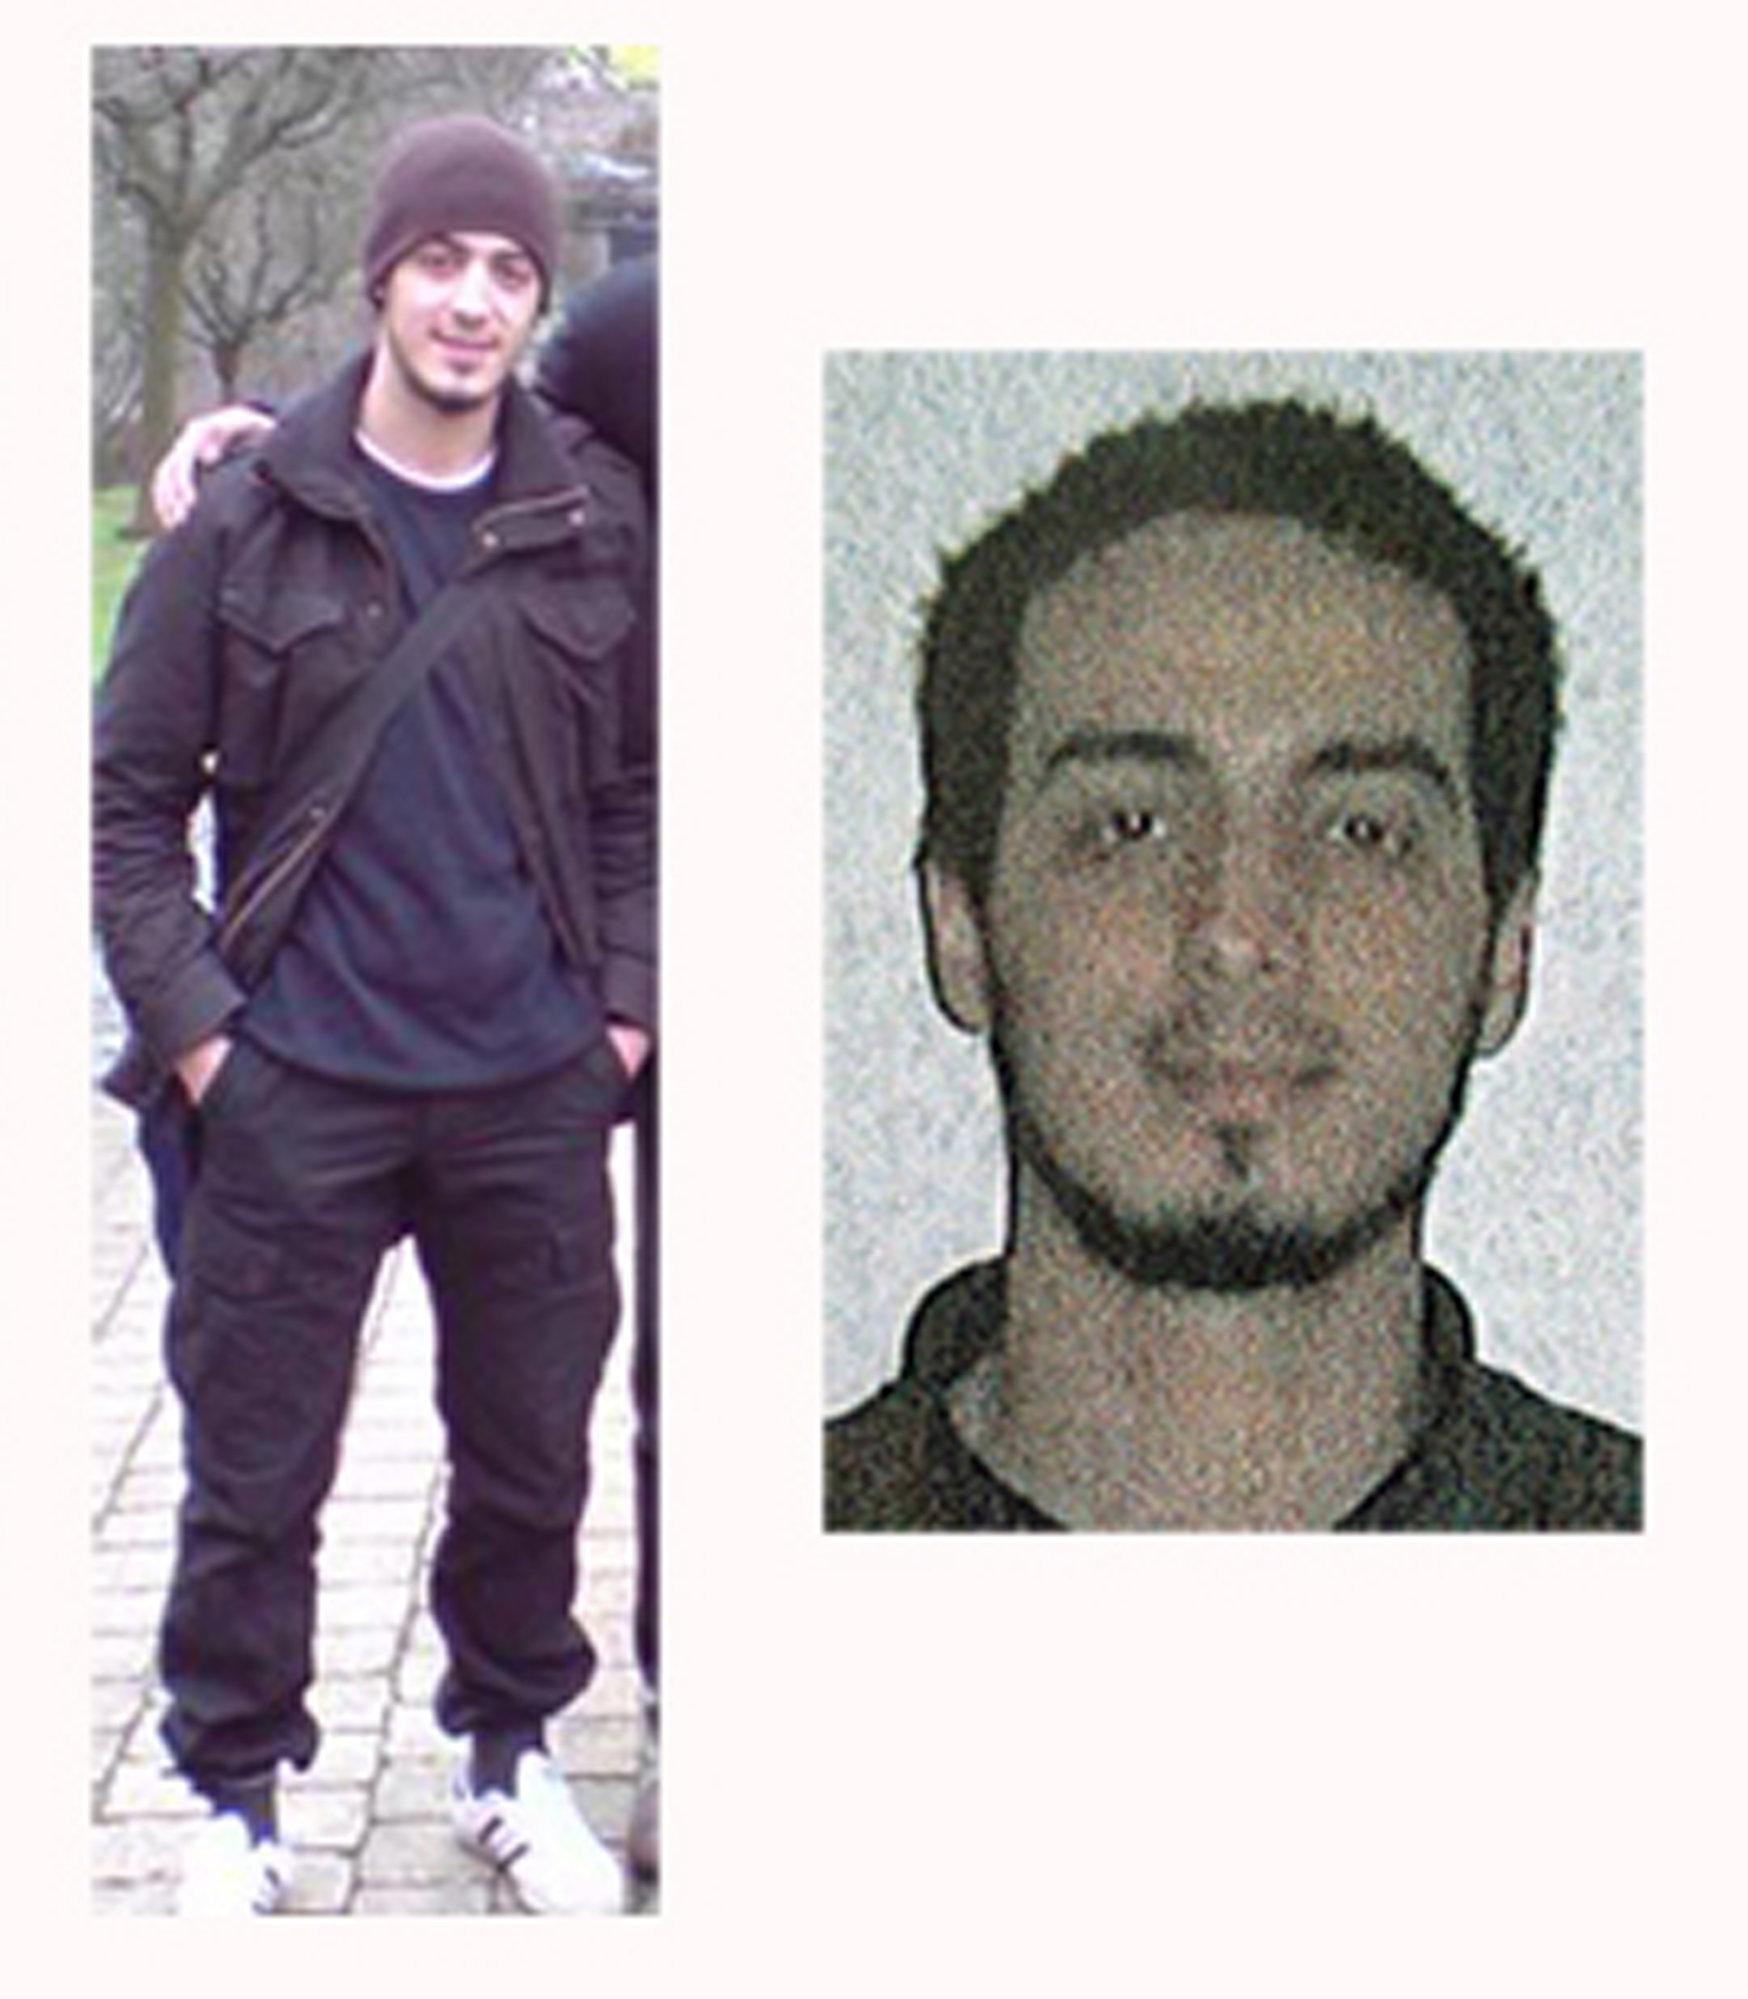 Jeden z hlavních podezřelých ze spáchání teroristického činu v Bruselu, Najim Laachraoui